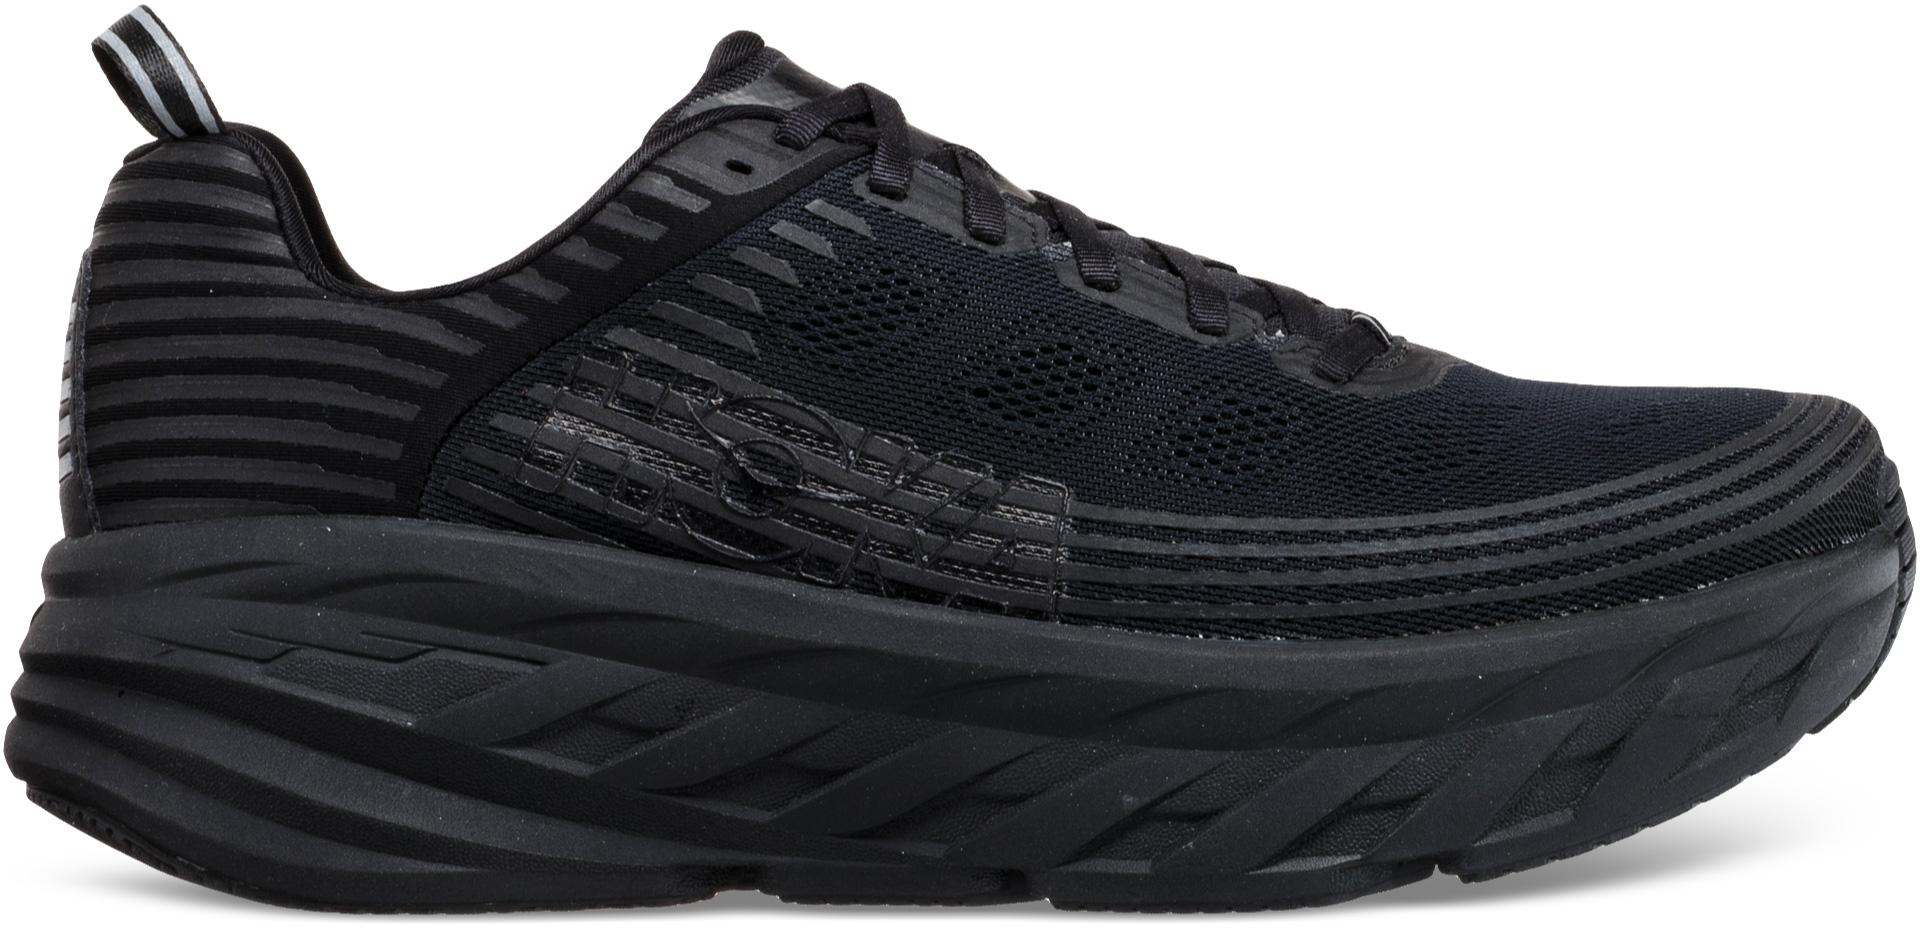 9a05d811e1568 Running shoes